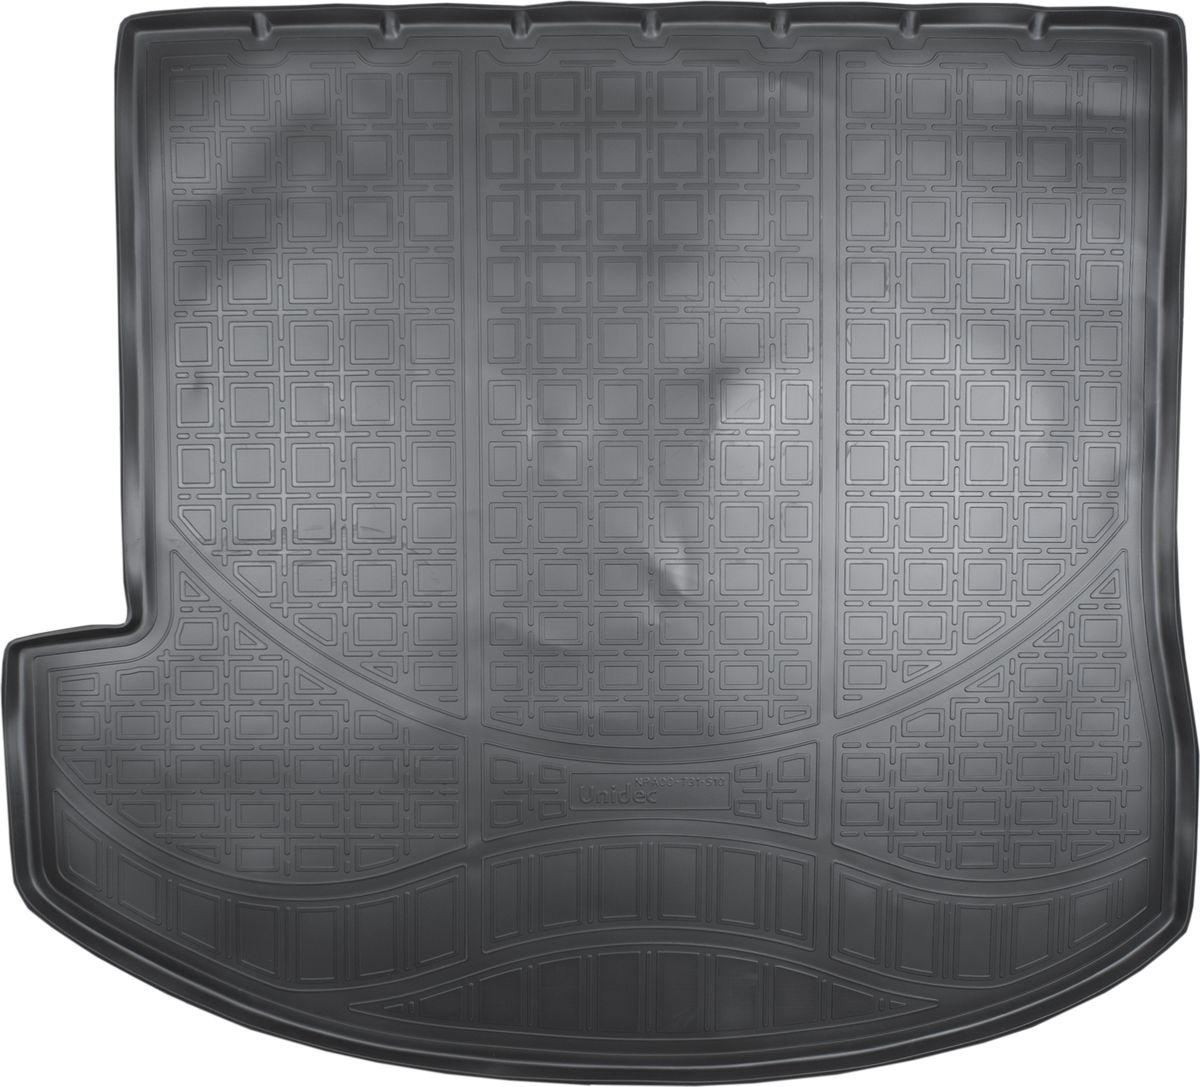 Ковер автомобильный NorPlast, в багажник, для Hyundai Grand Santa Fe, 2013-, полиуретанNPA00-T31-510Прочные и долговечные коврики в салон автомобиля NorPlast, изготовленный из высококачественного и экологичного сырья, полностью повторяет геометрию салона автомобиля. - Надежная система крепления, позволяющая закрепить коврик на штатные элементы фиксации, в результате чего отсутствует эффект скольжения по салону автомобиля. - Высокая стойкость поверхности к стиранию. - Специализированный рисунок и высокий борт, препятствующие распространению грязи и жидкости по поверхности коврика. - Перемычка задних ковриков в комплекте предотвращает загрязнение тоннеля карданного вала. - Произведены из первичных материалов, в результате чего отсутствует неприятный запах в салоне автомобиля. - Высокая эластичность, можно беспрепятственно эксплуатировать при температуре от -45°C до +45°C.